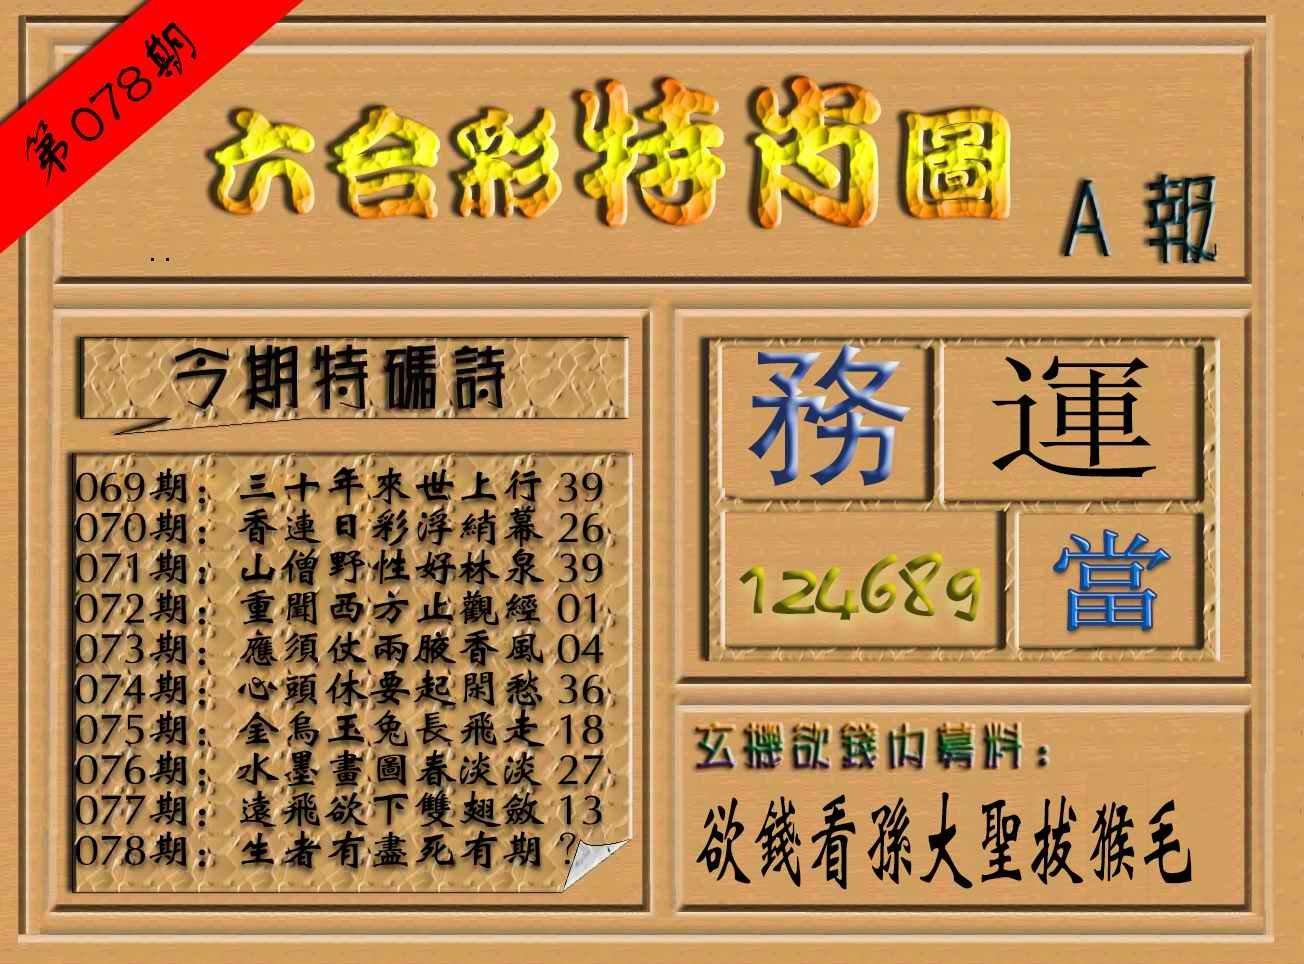 078期六合彩特肖图(A报)